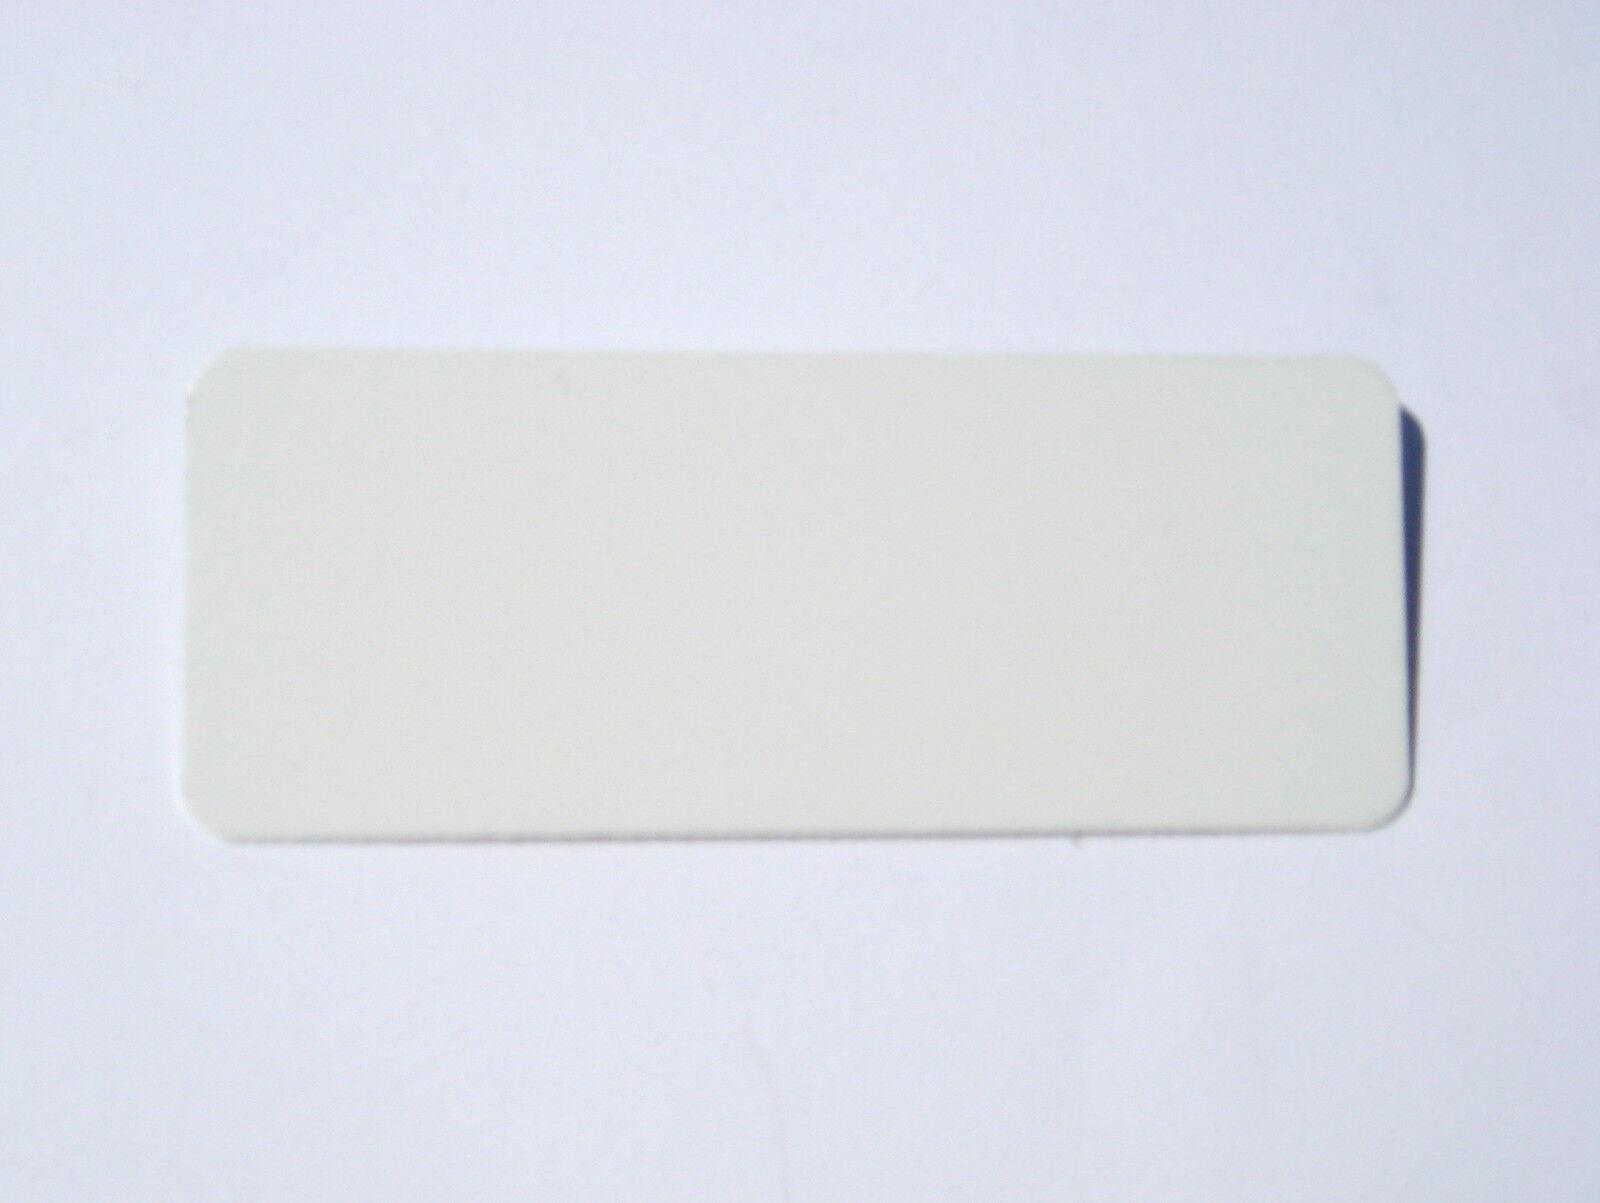 Mini Mini Mini sur mesure en aluminium signe plaque métallique étiquette de nom en blanc argent ou or 1380fc